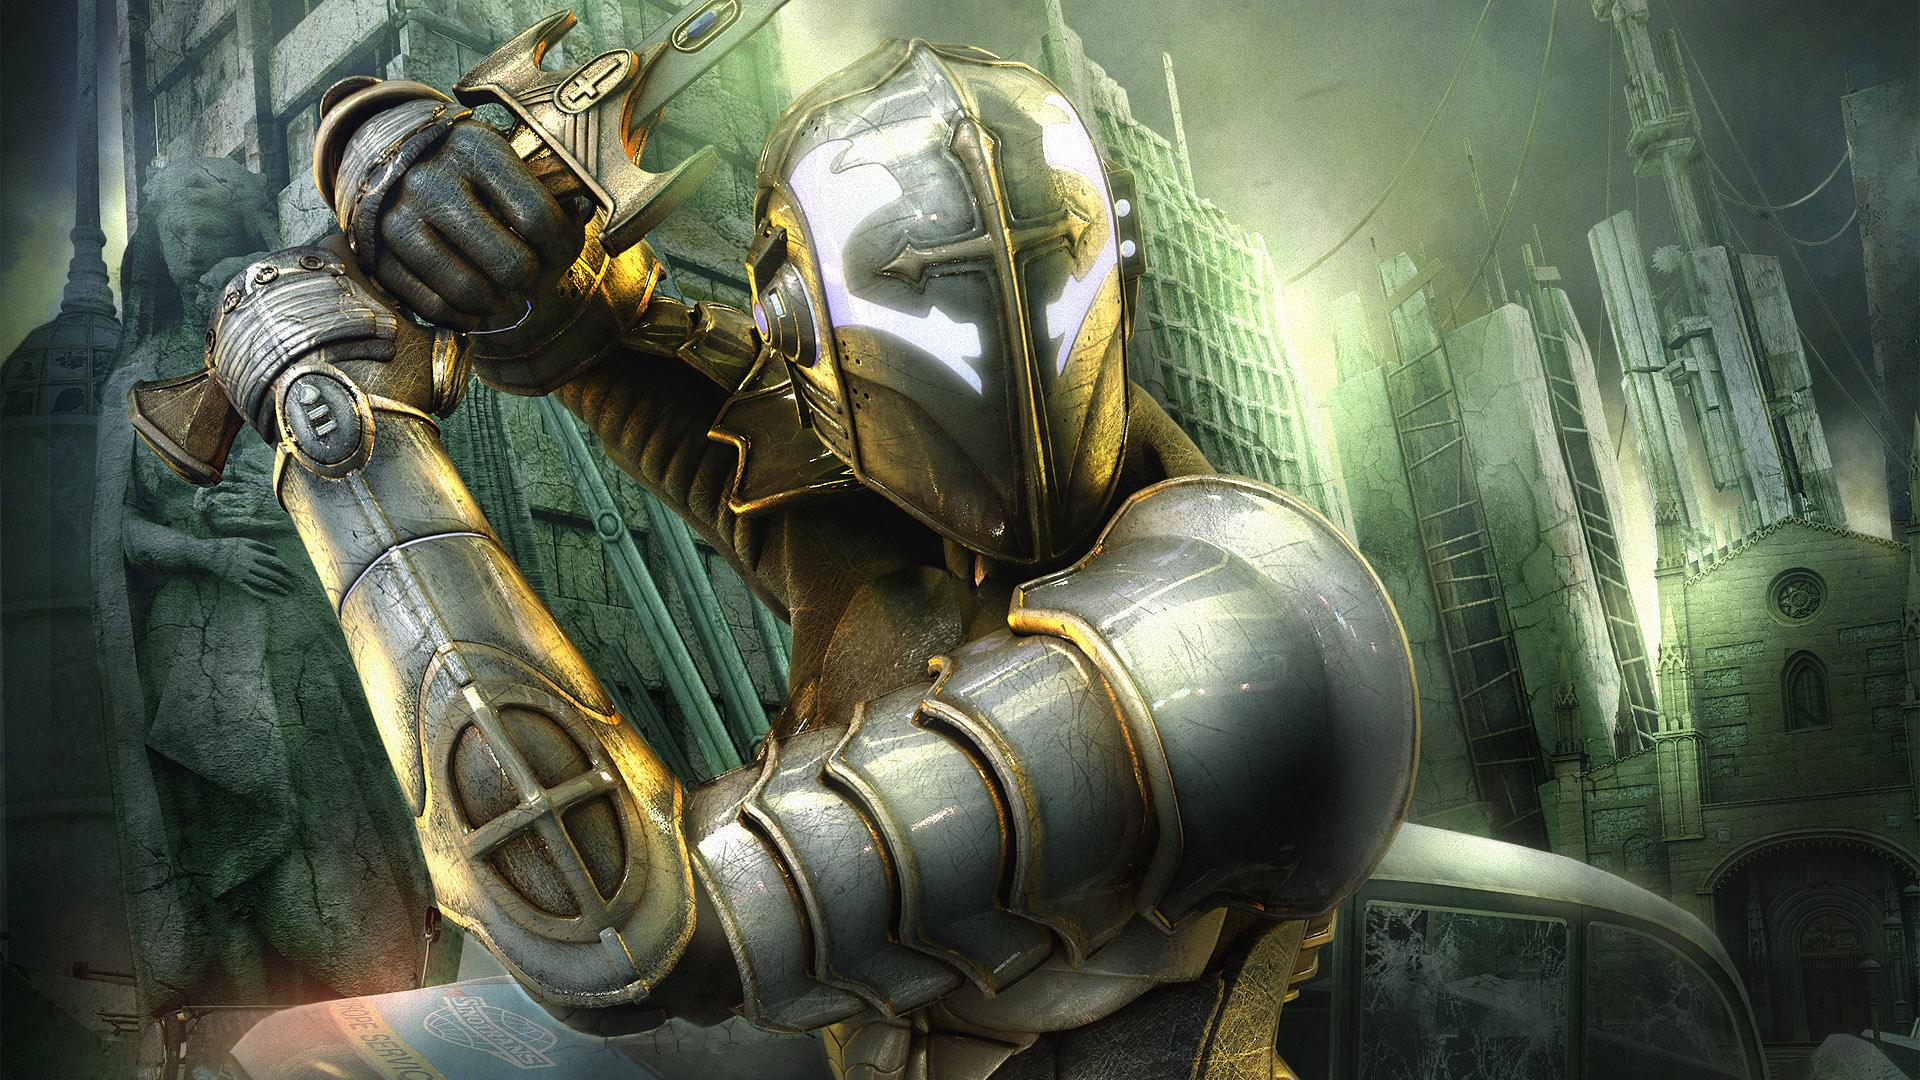 рыцарь в бою, скачать, латы, меч